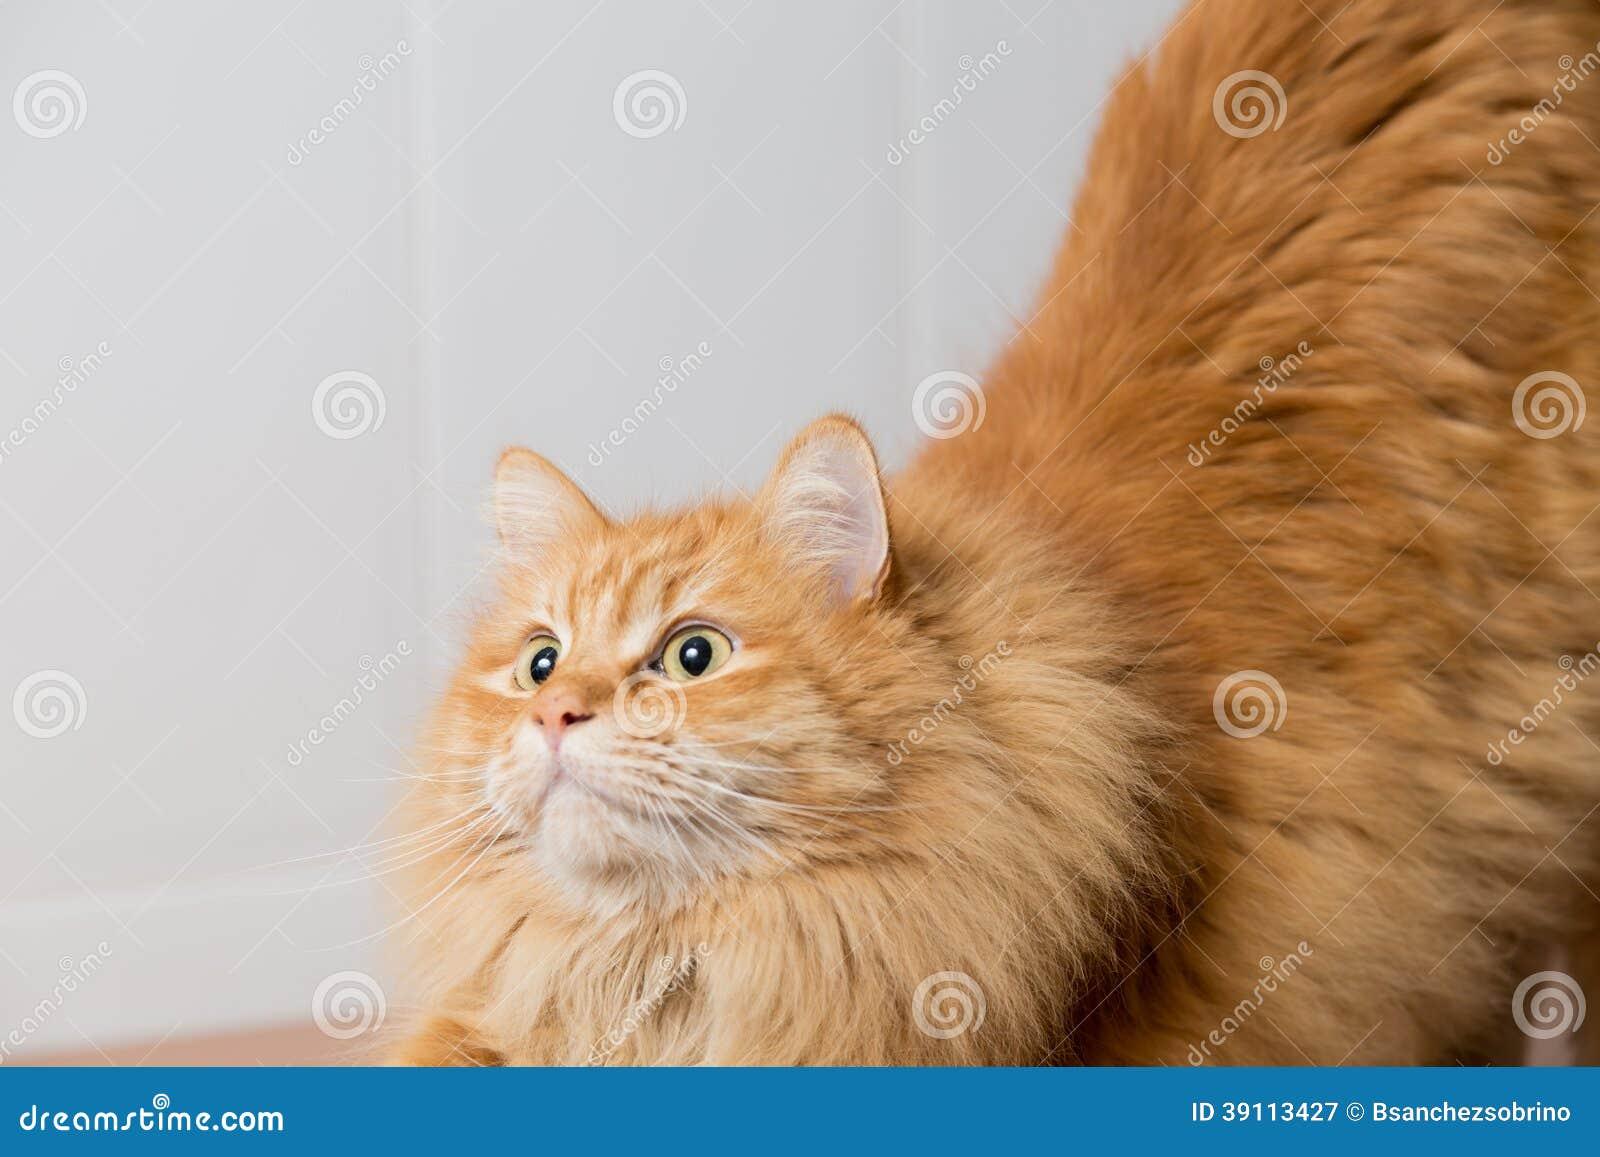 Het kattenwachten om op te springen